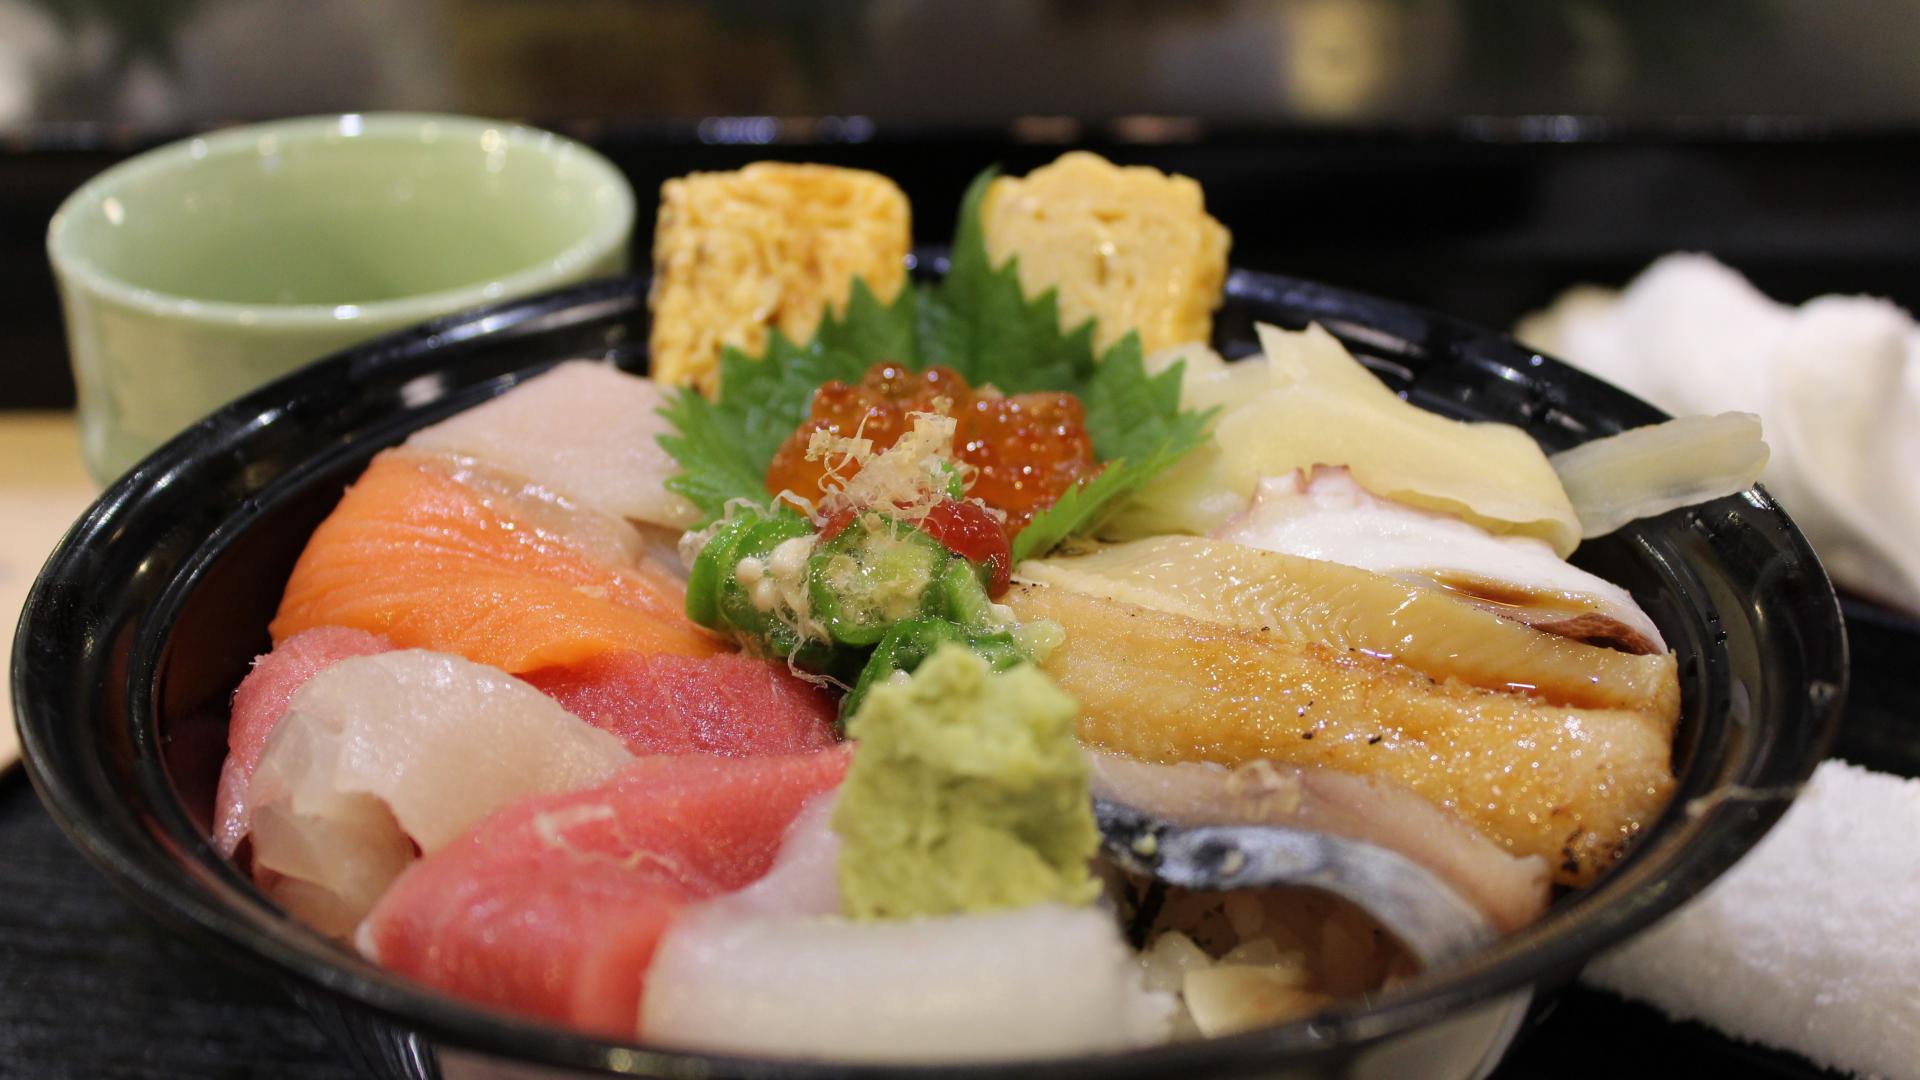 japanische Küche, japanische Ernährung, japanisches Lebensmittel, Chirashi, Sashimi, Japan